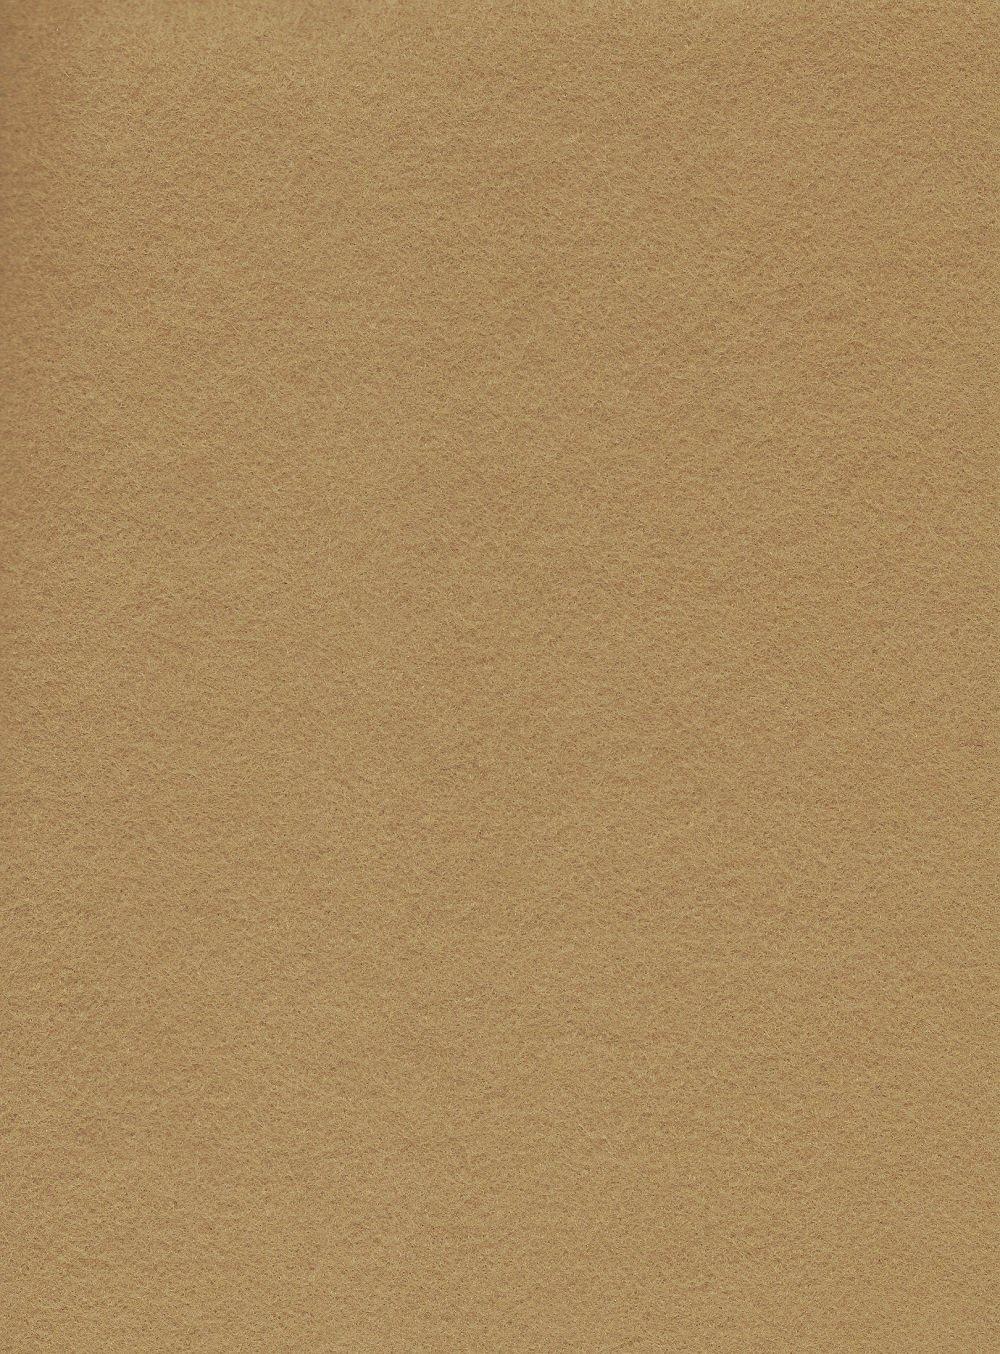 Vanilla Latte - 12 x 18 Square